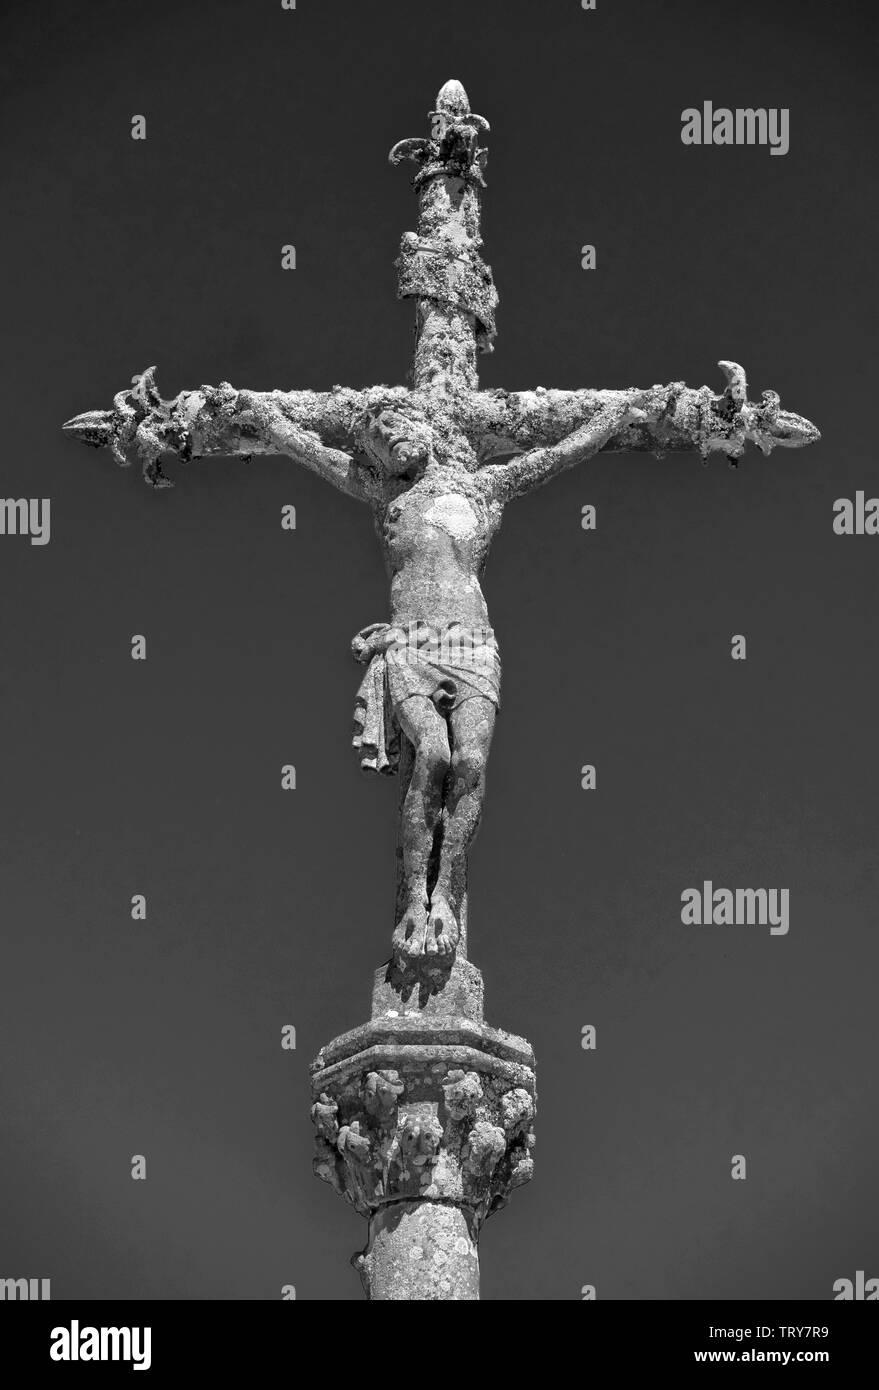 Photo monochrome d'une statue de pierre du Christ sur la croix à un cimetière dans la Feuillée, Bretagne, France. Photo Stock